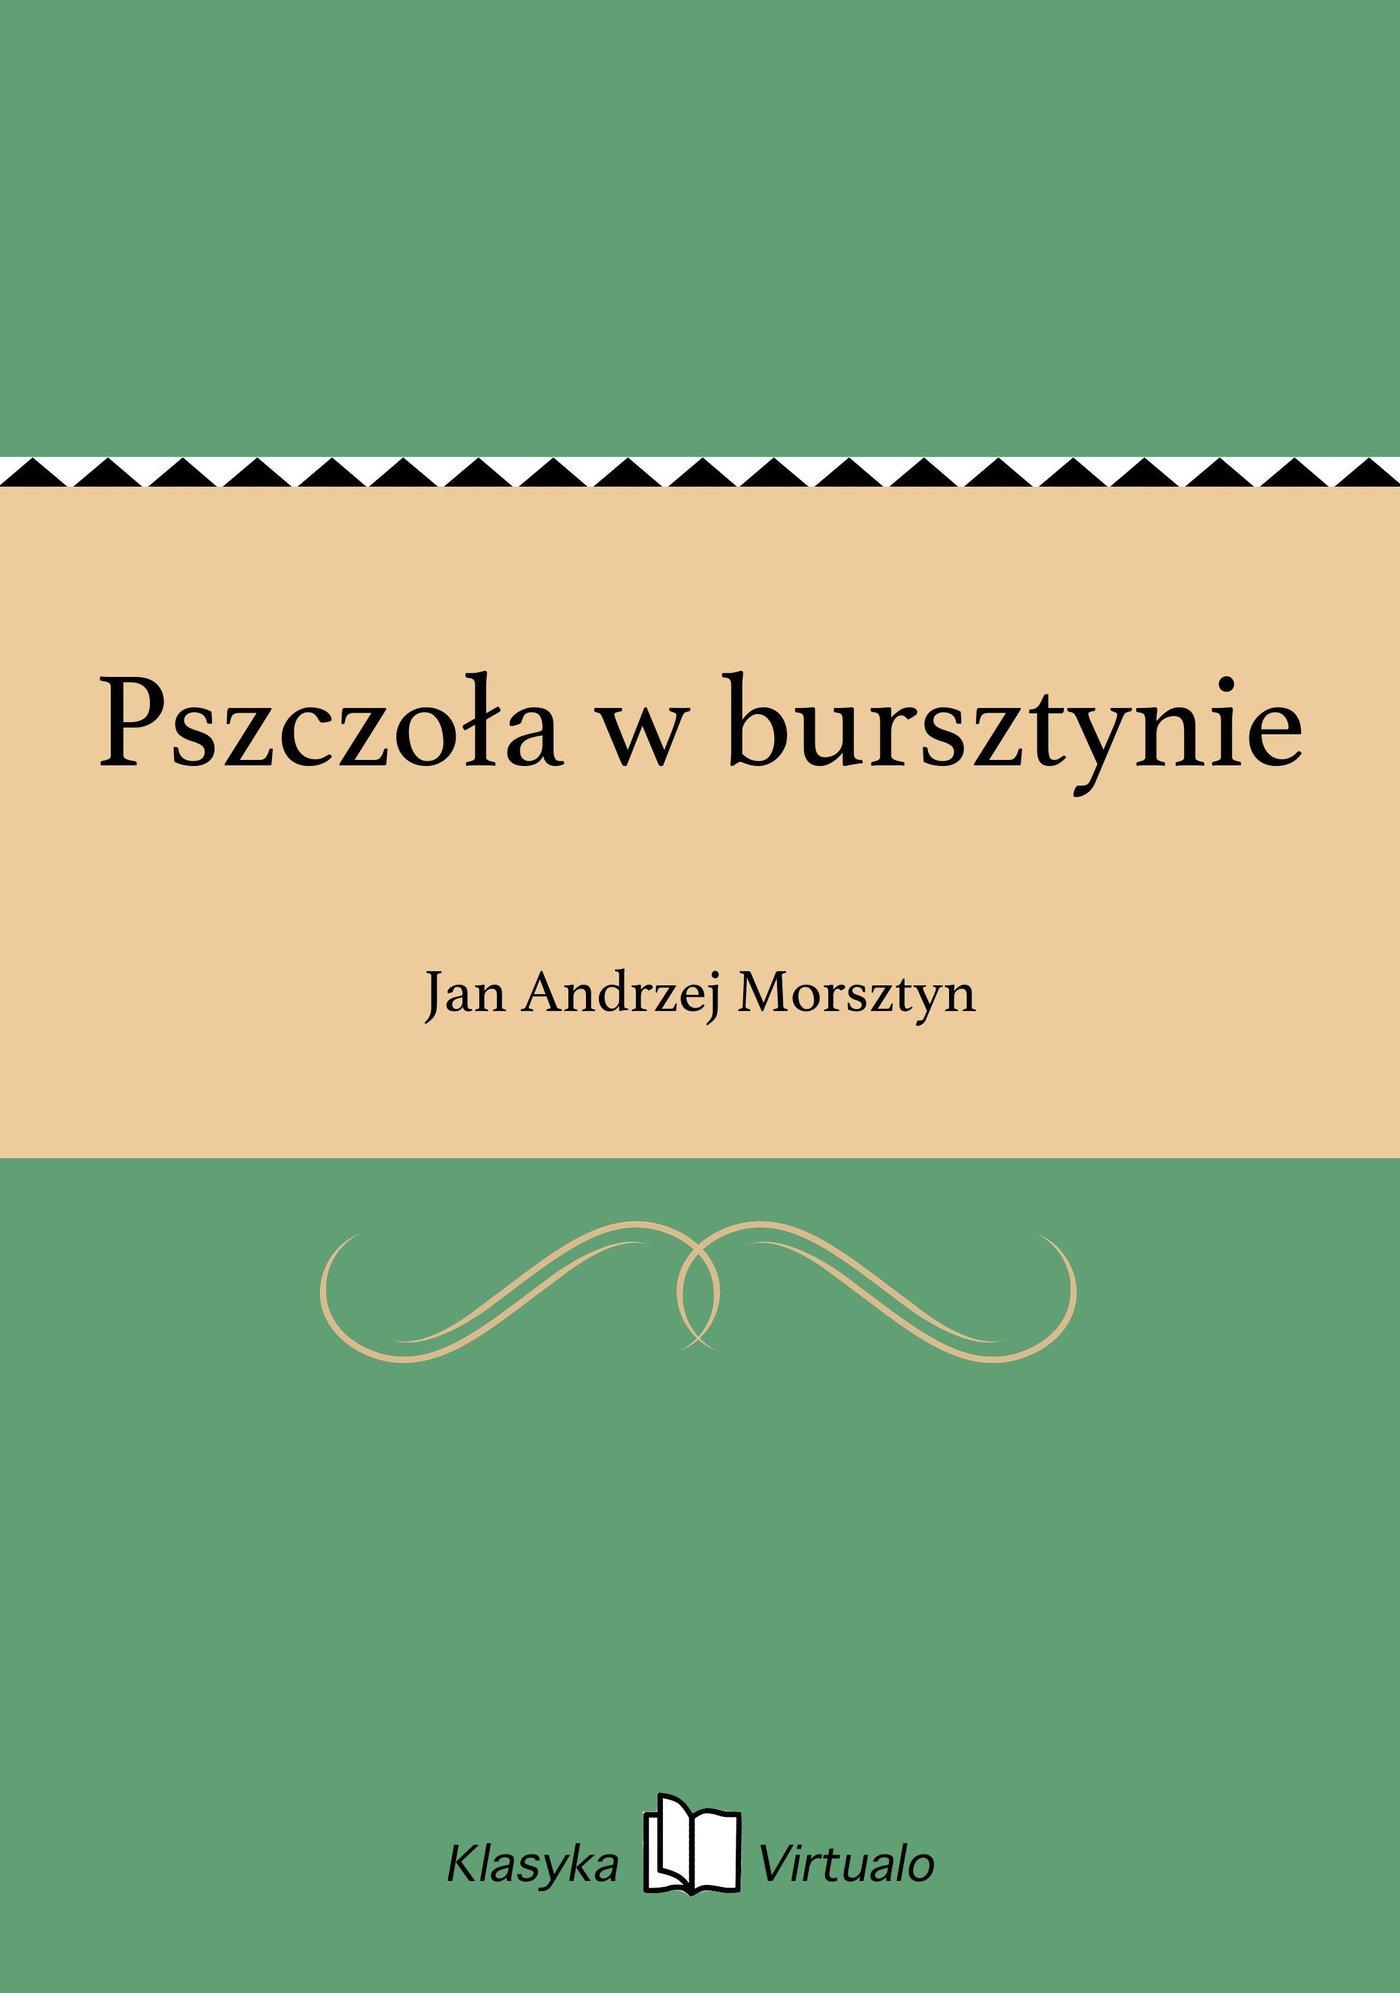 Pszczoła w bursztynie - Ebook (Książka EPUB) do pobrania w formacie EPUB